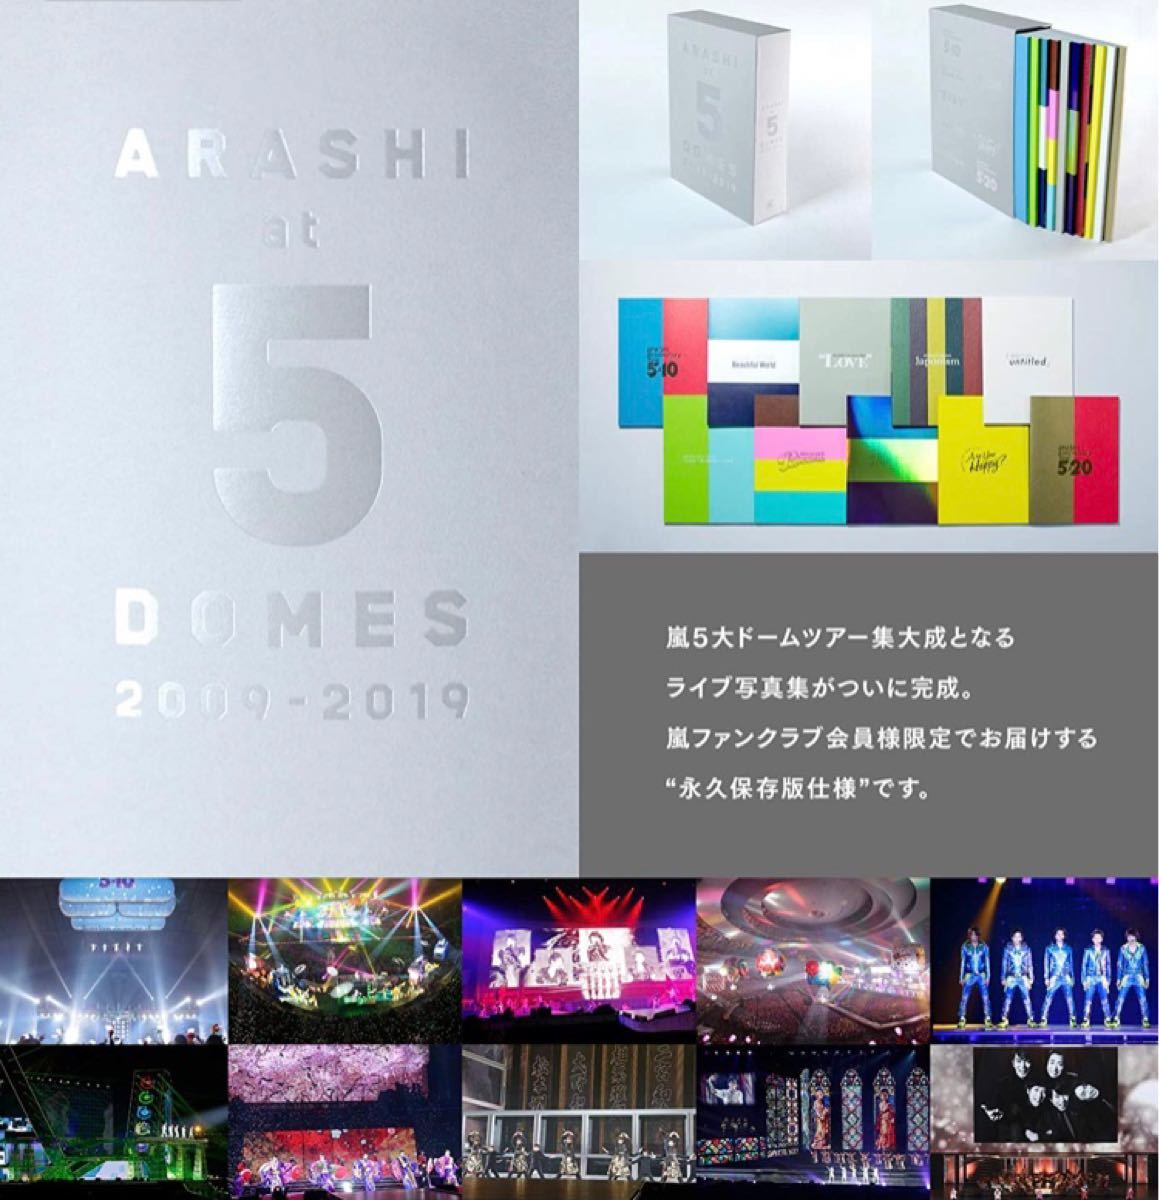 【新品未開封】嵐 5大ドームツアー集大成ライブ写真集 ファンクラブ限定 ARASHI at 5DOMES 2009-2019